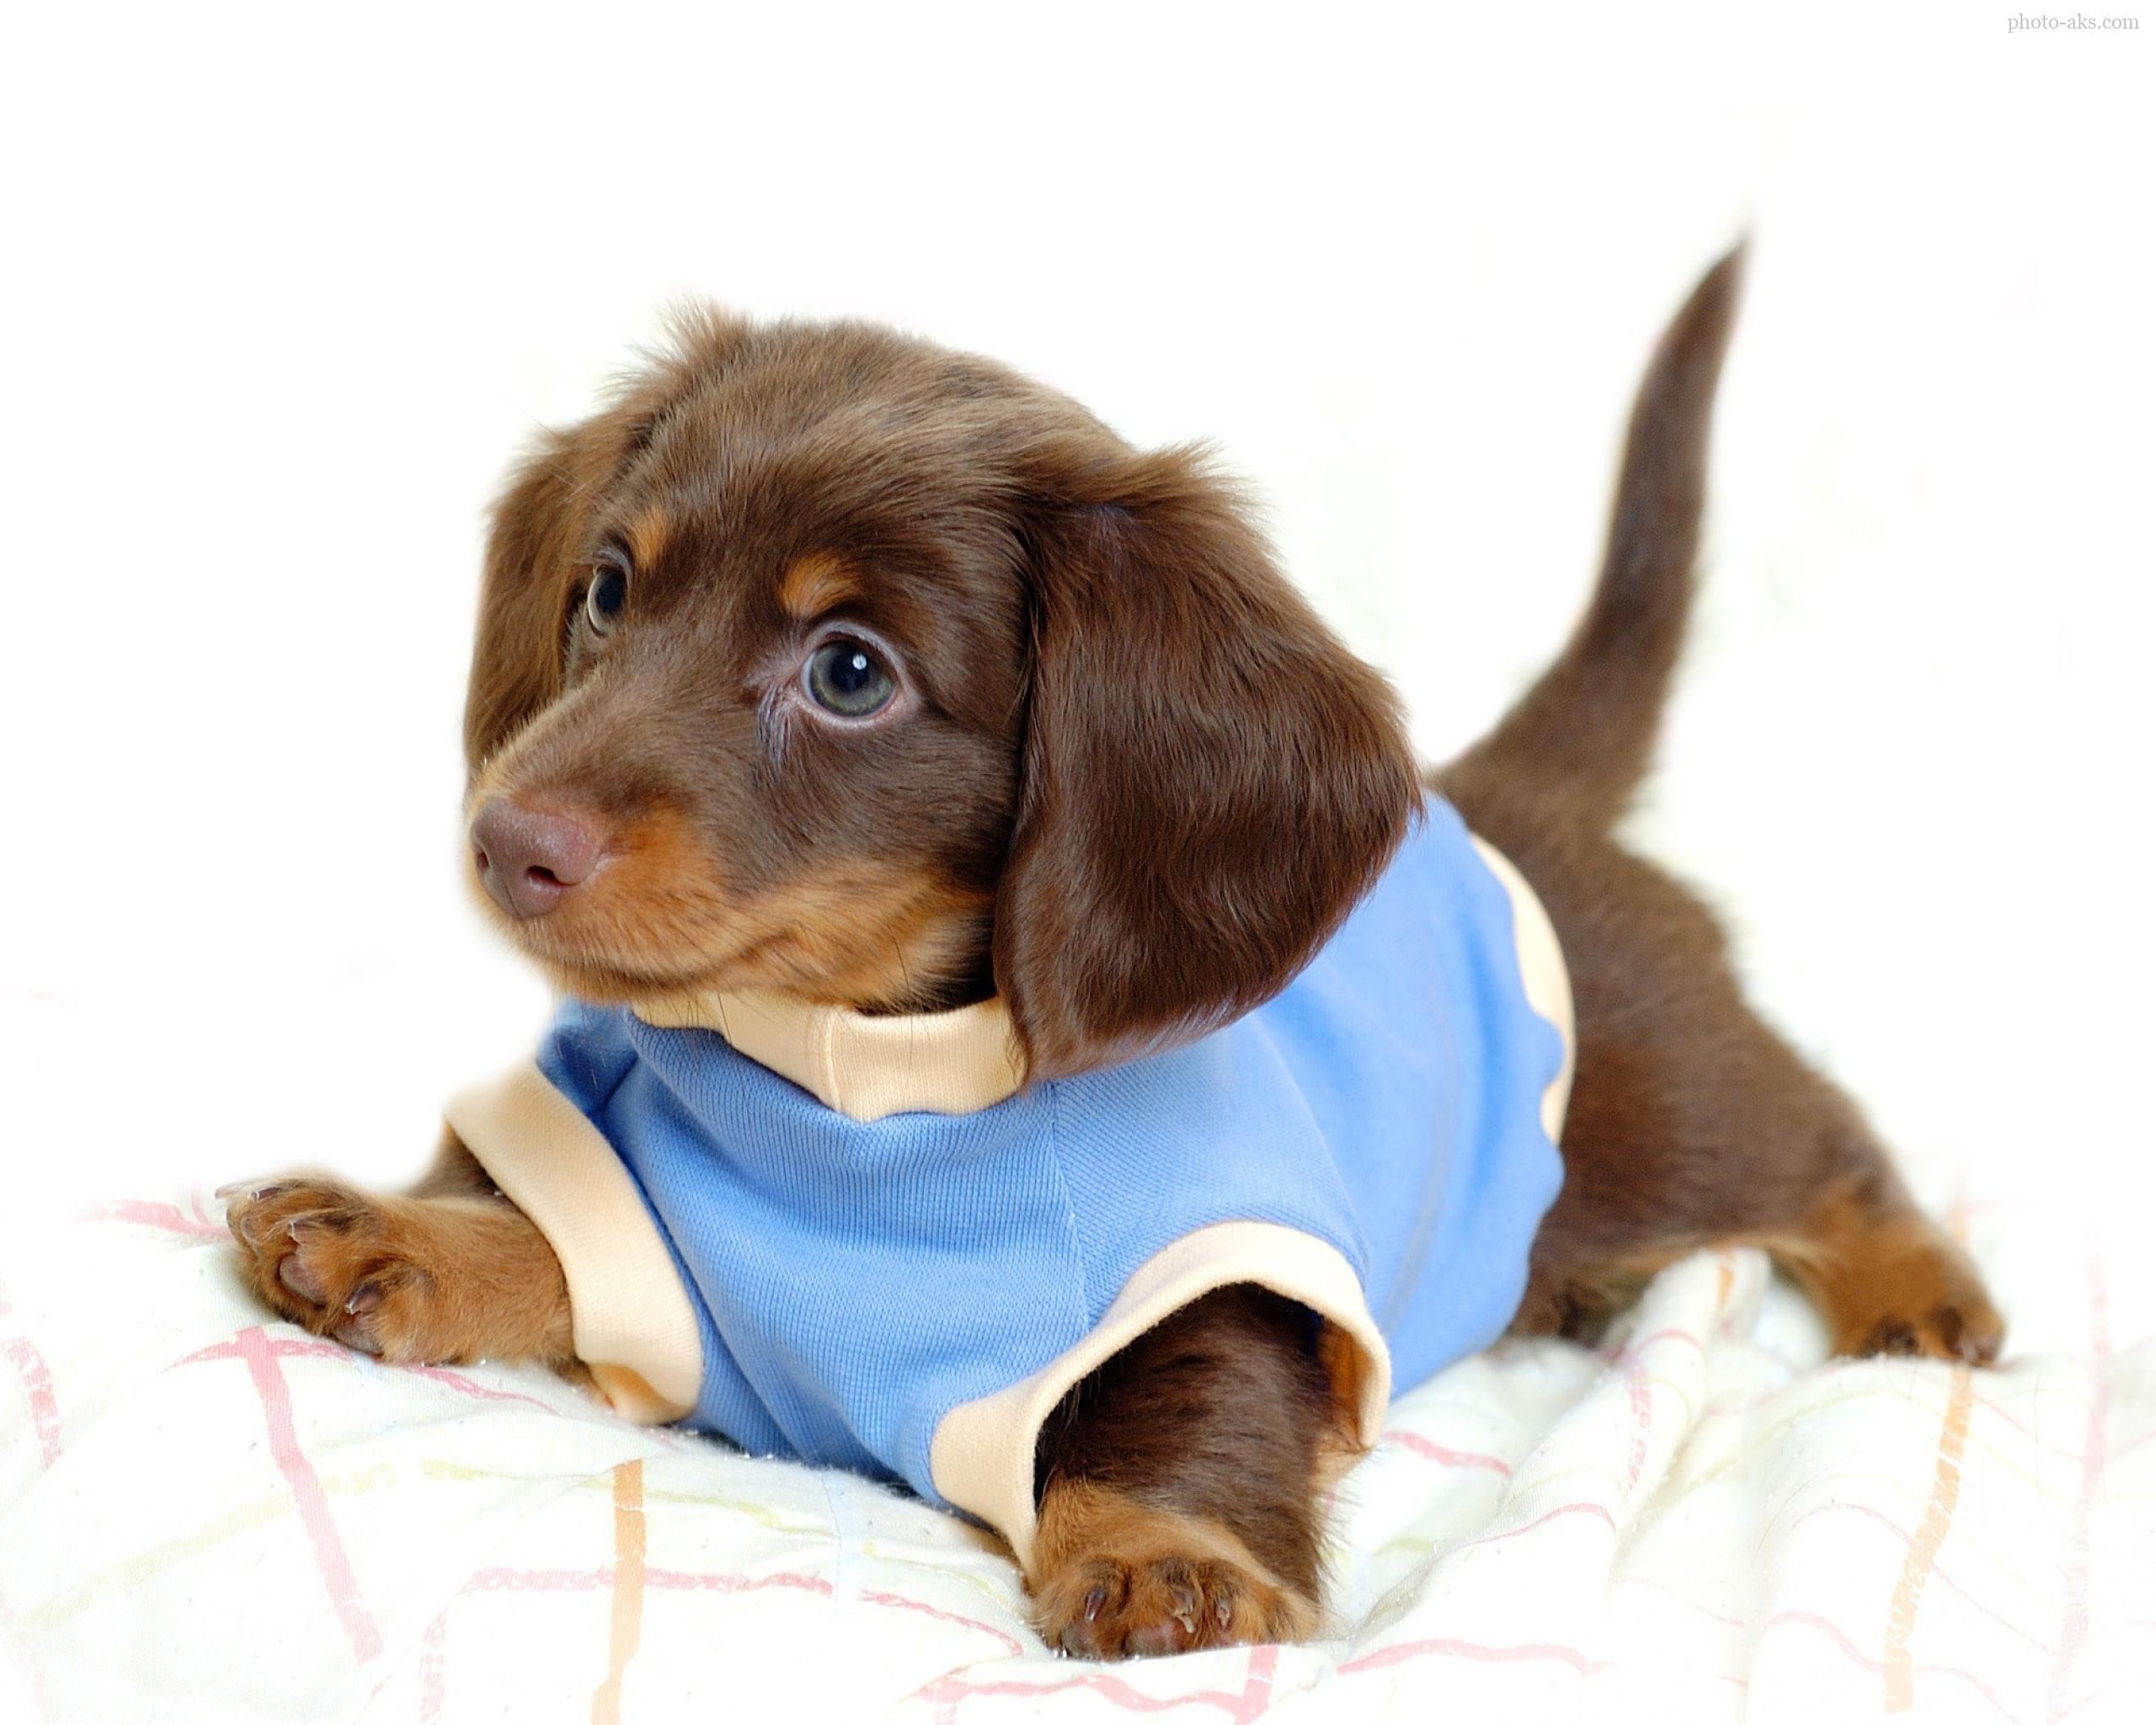 عکس توله سگ پاکوتاه بامزه Cute Dogs Images Cute Dog Wallpaper